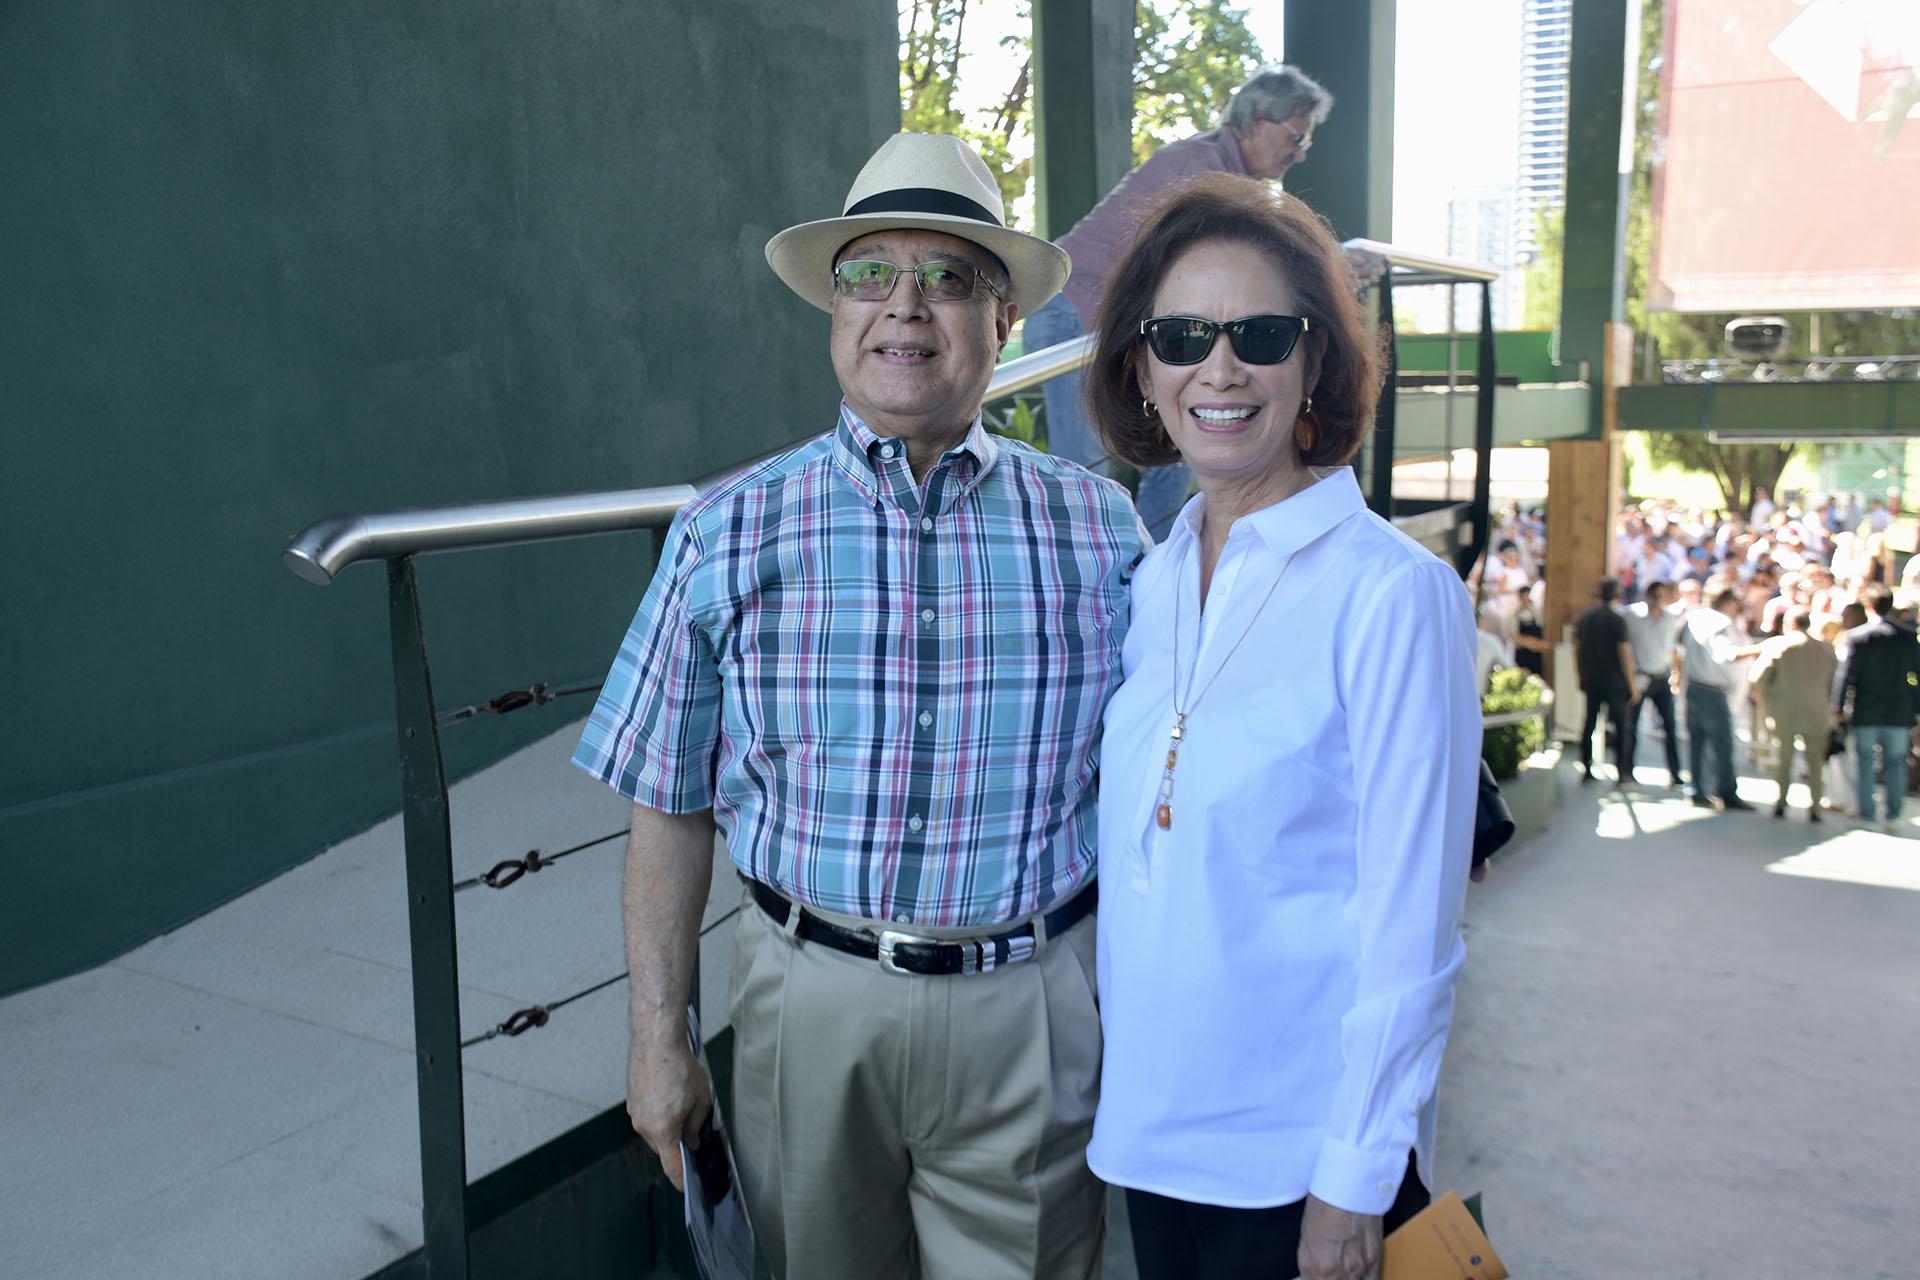 El embajador de los Estados Unidos en la Argentina, Edward C. Prado, y su mujer María en la final del 125º Abierto Argentino de Polo de Palermo